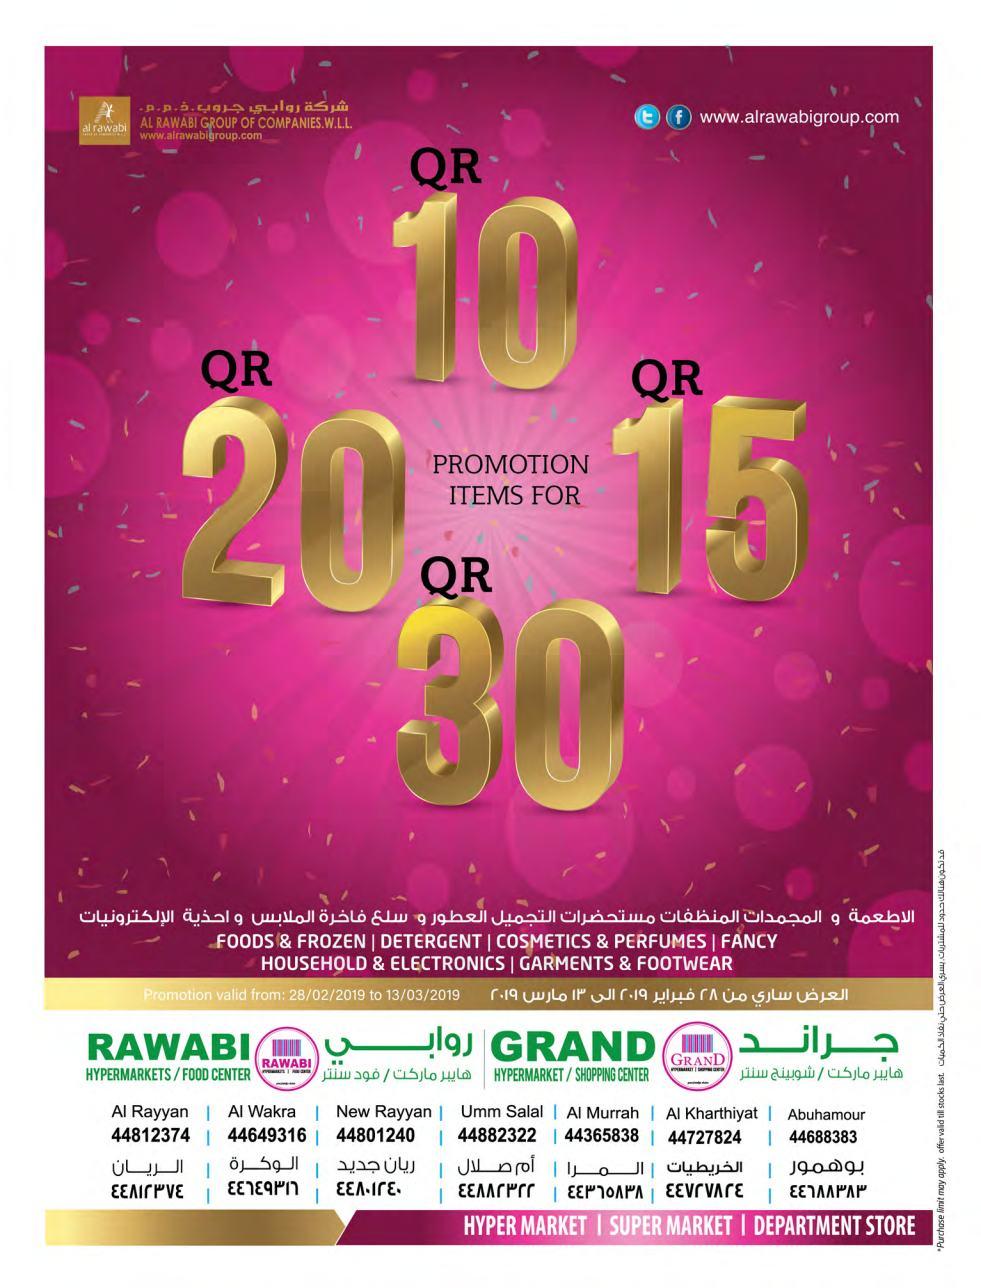 Al Rawabi 10 15 20 30 Offer till 13/03